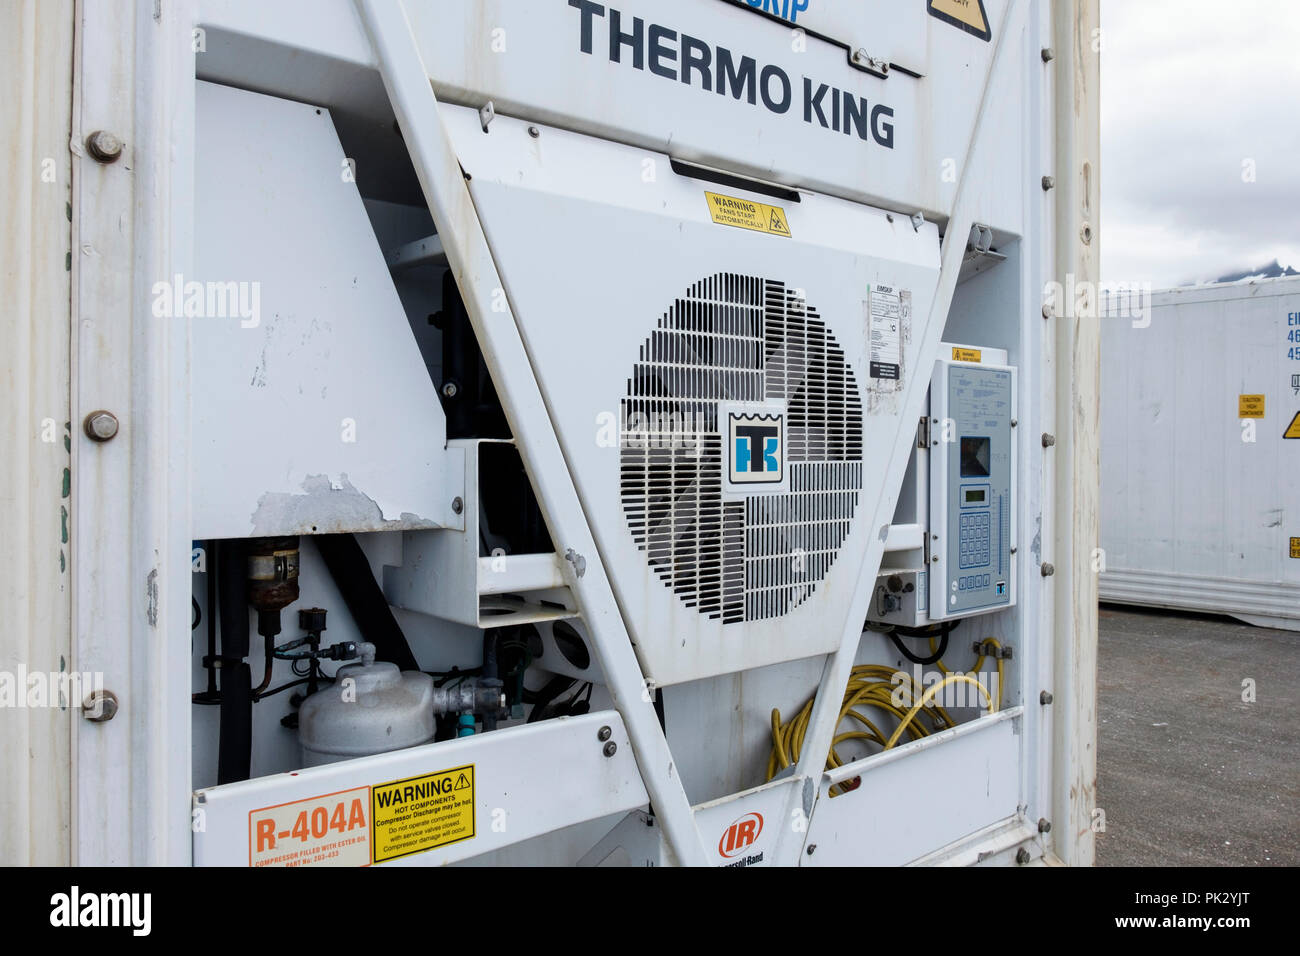 Temperature Control Stock Photos & Temperature Control Stock